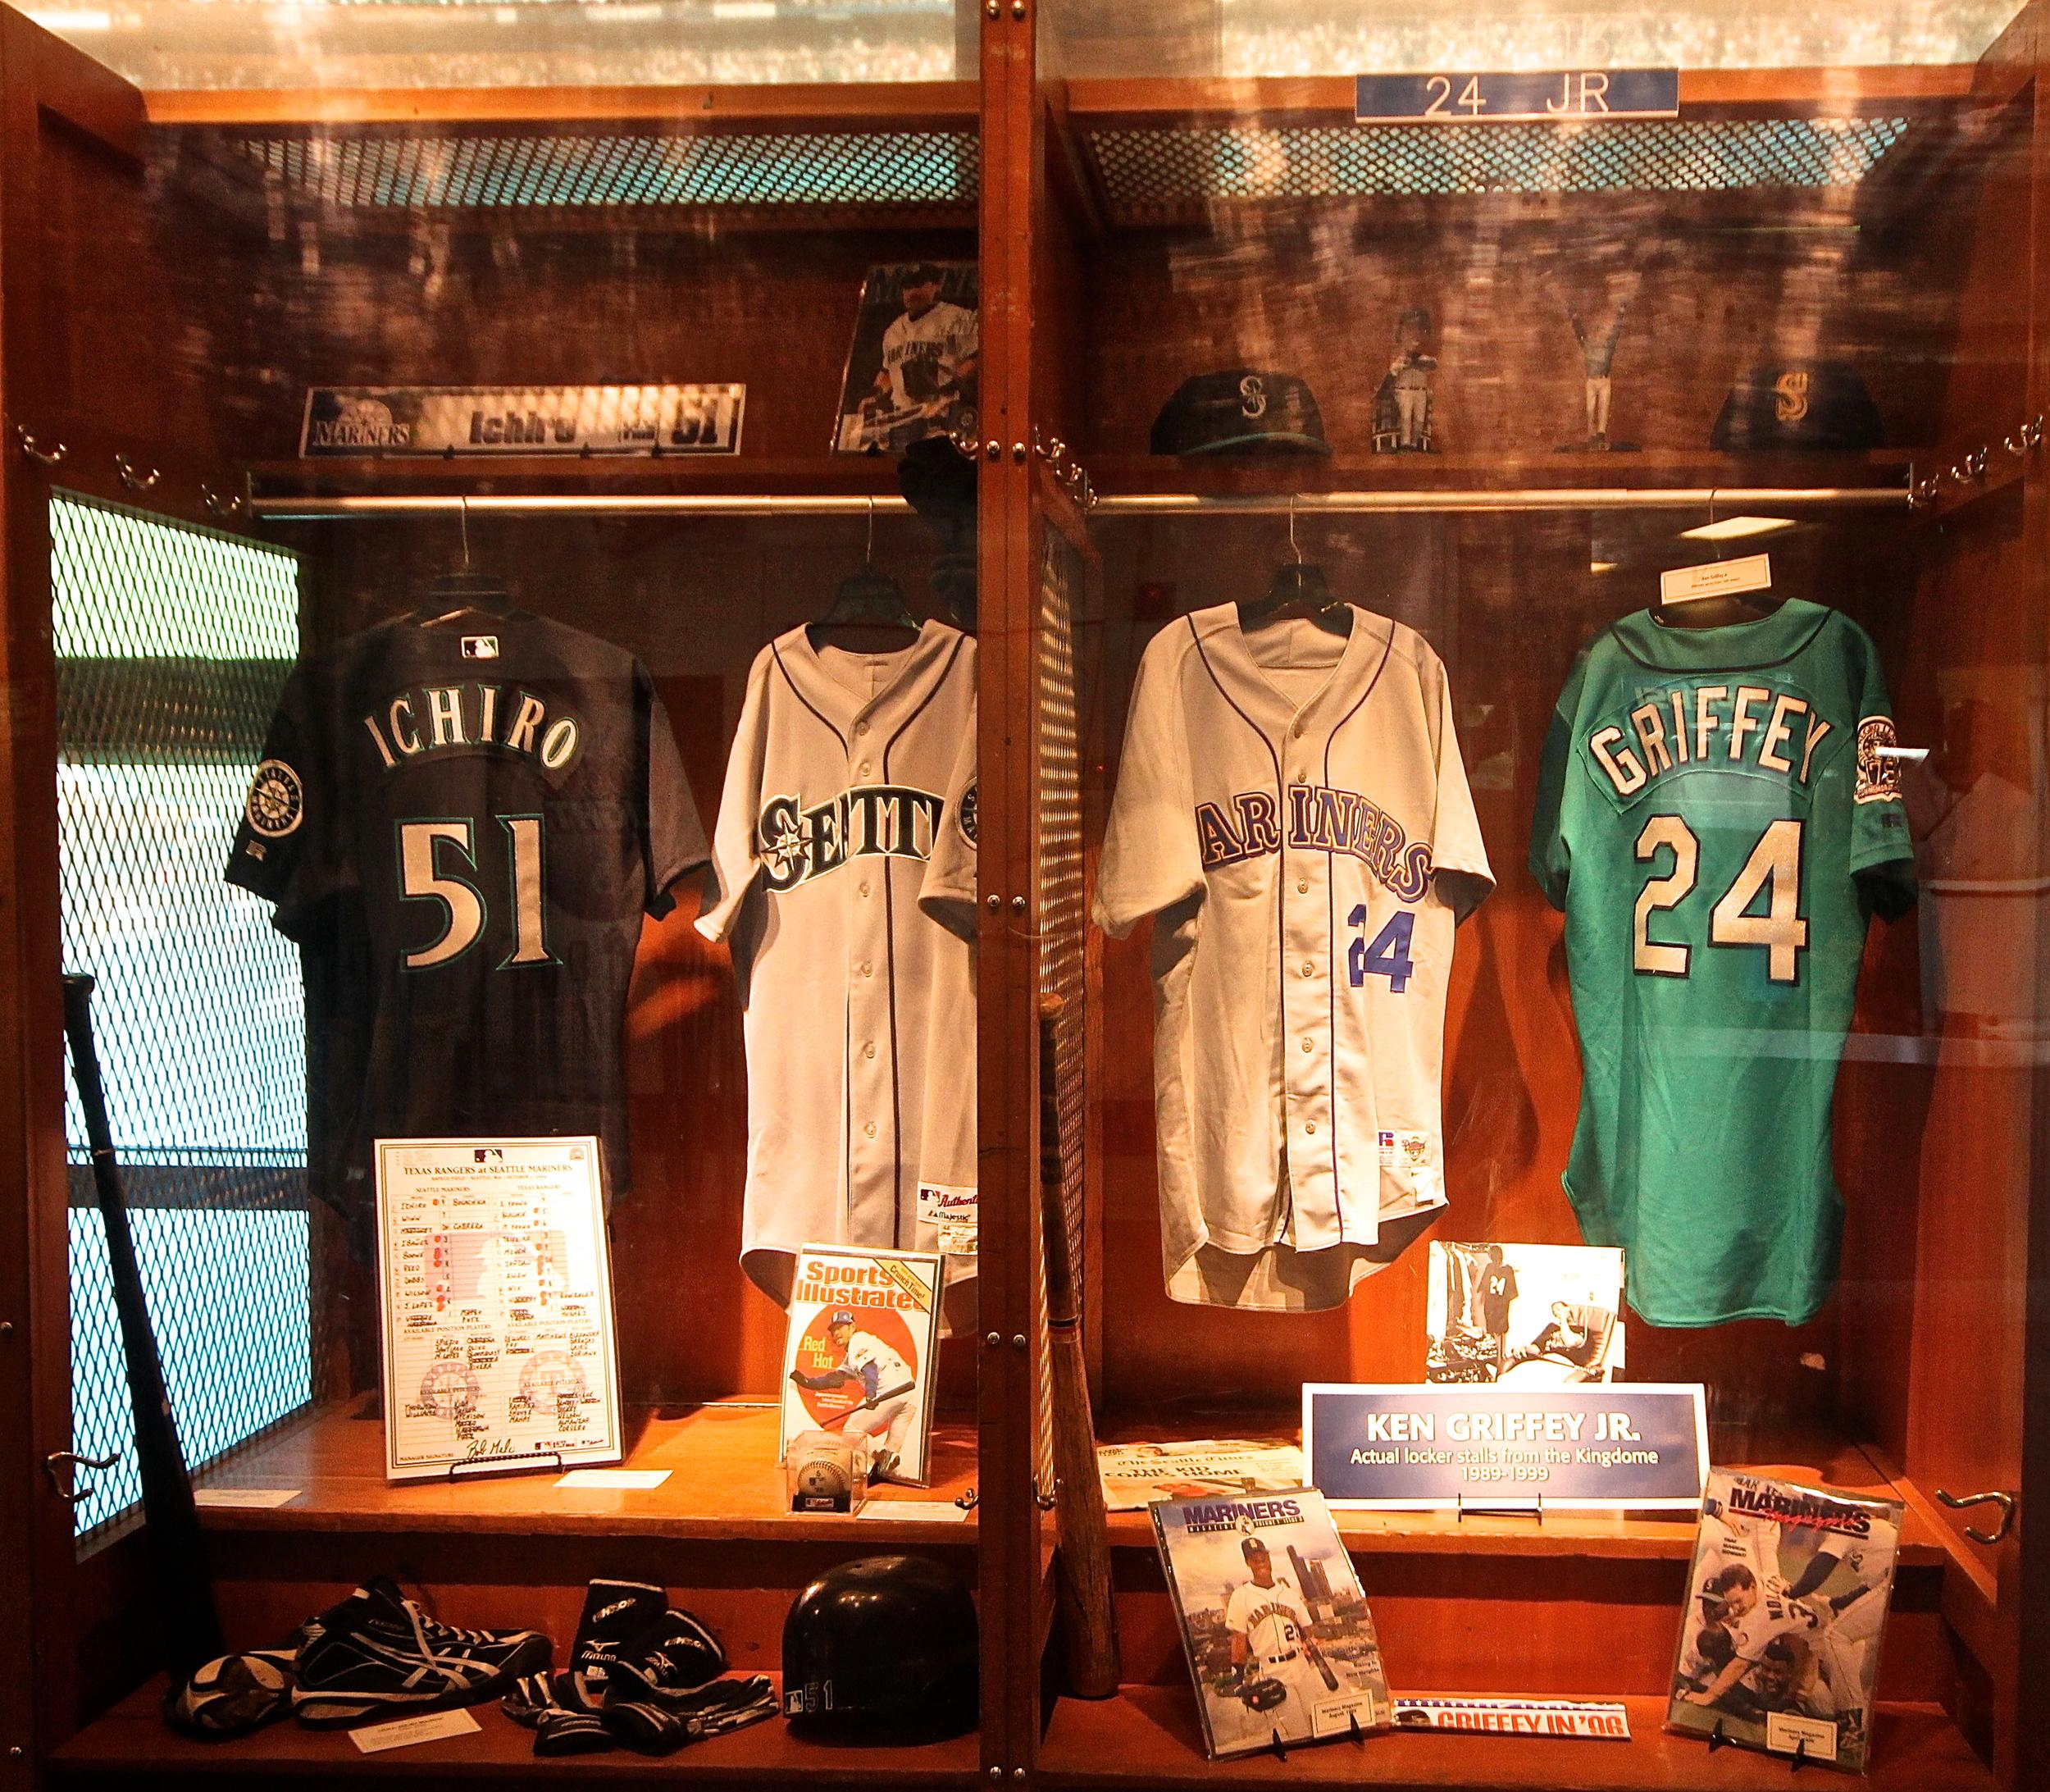 Ichiro and Griffey Jr. lockers